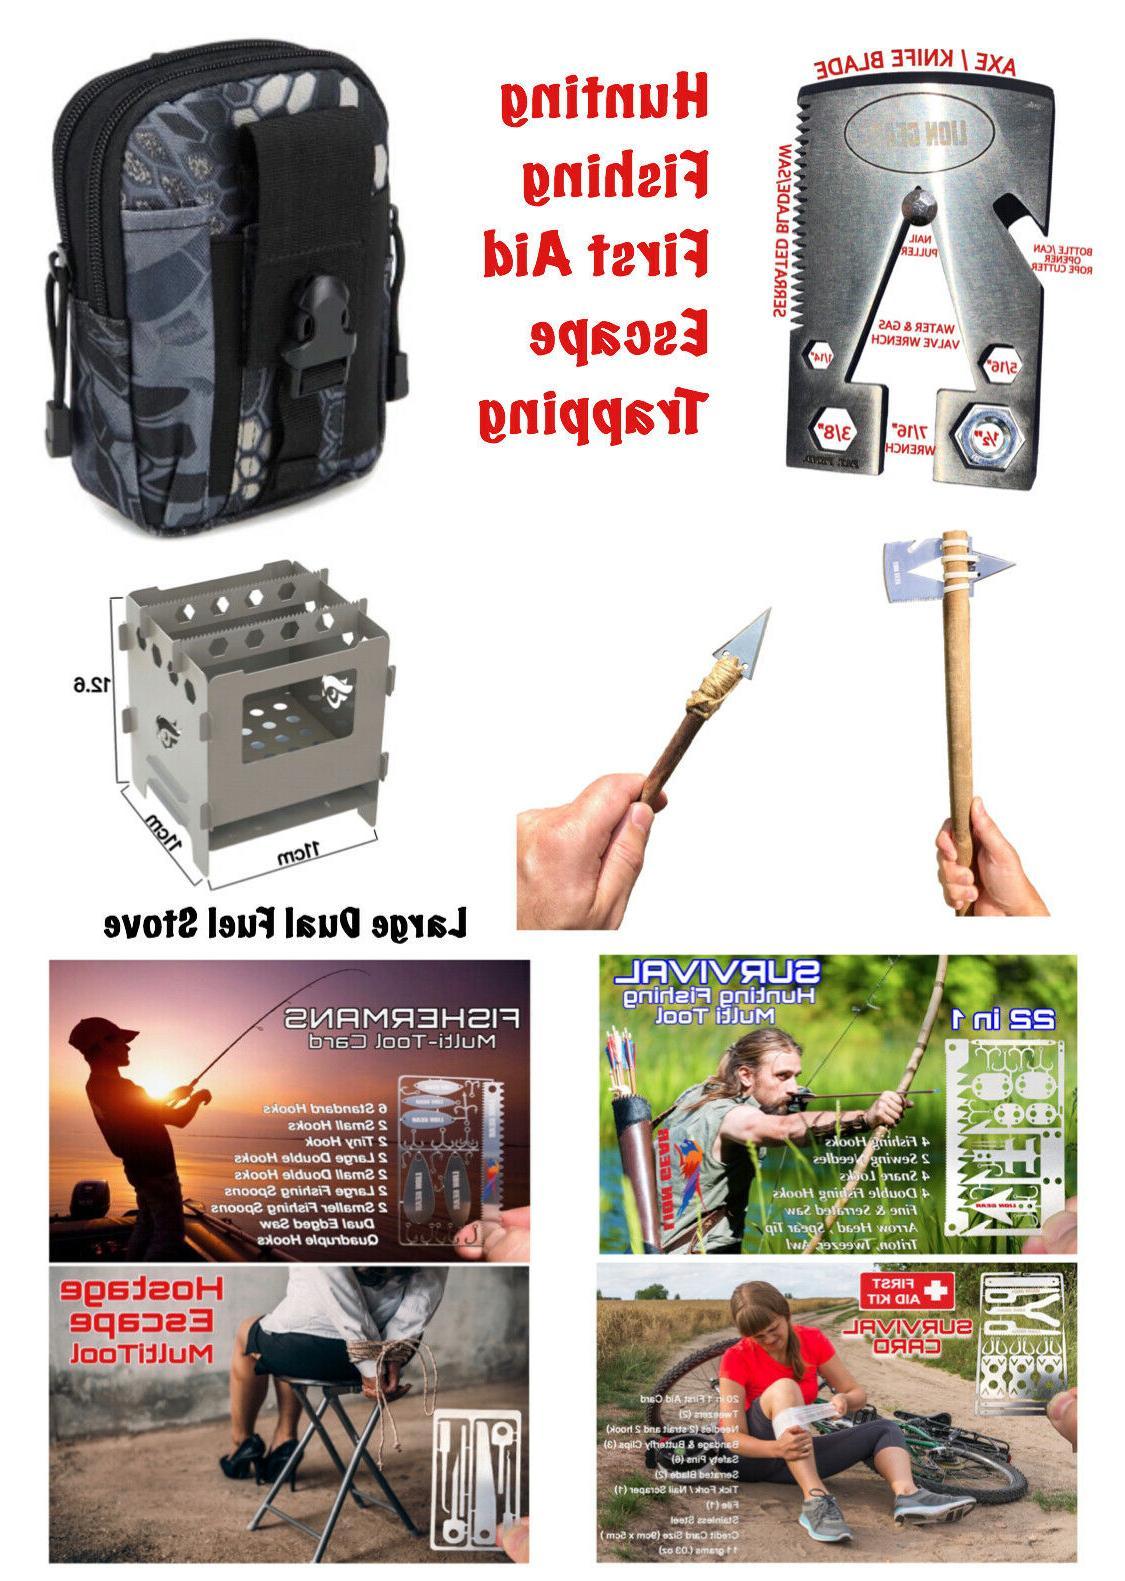 edc survival multi tool combo kit ultra